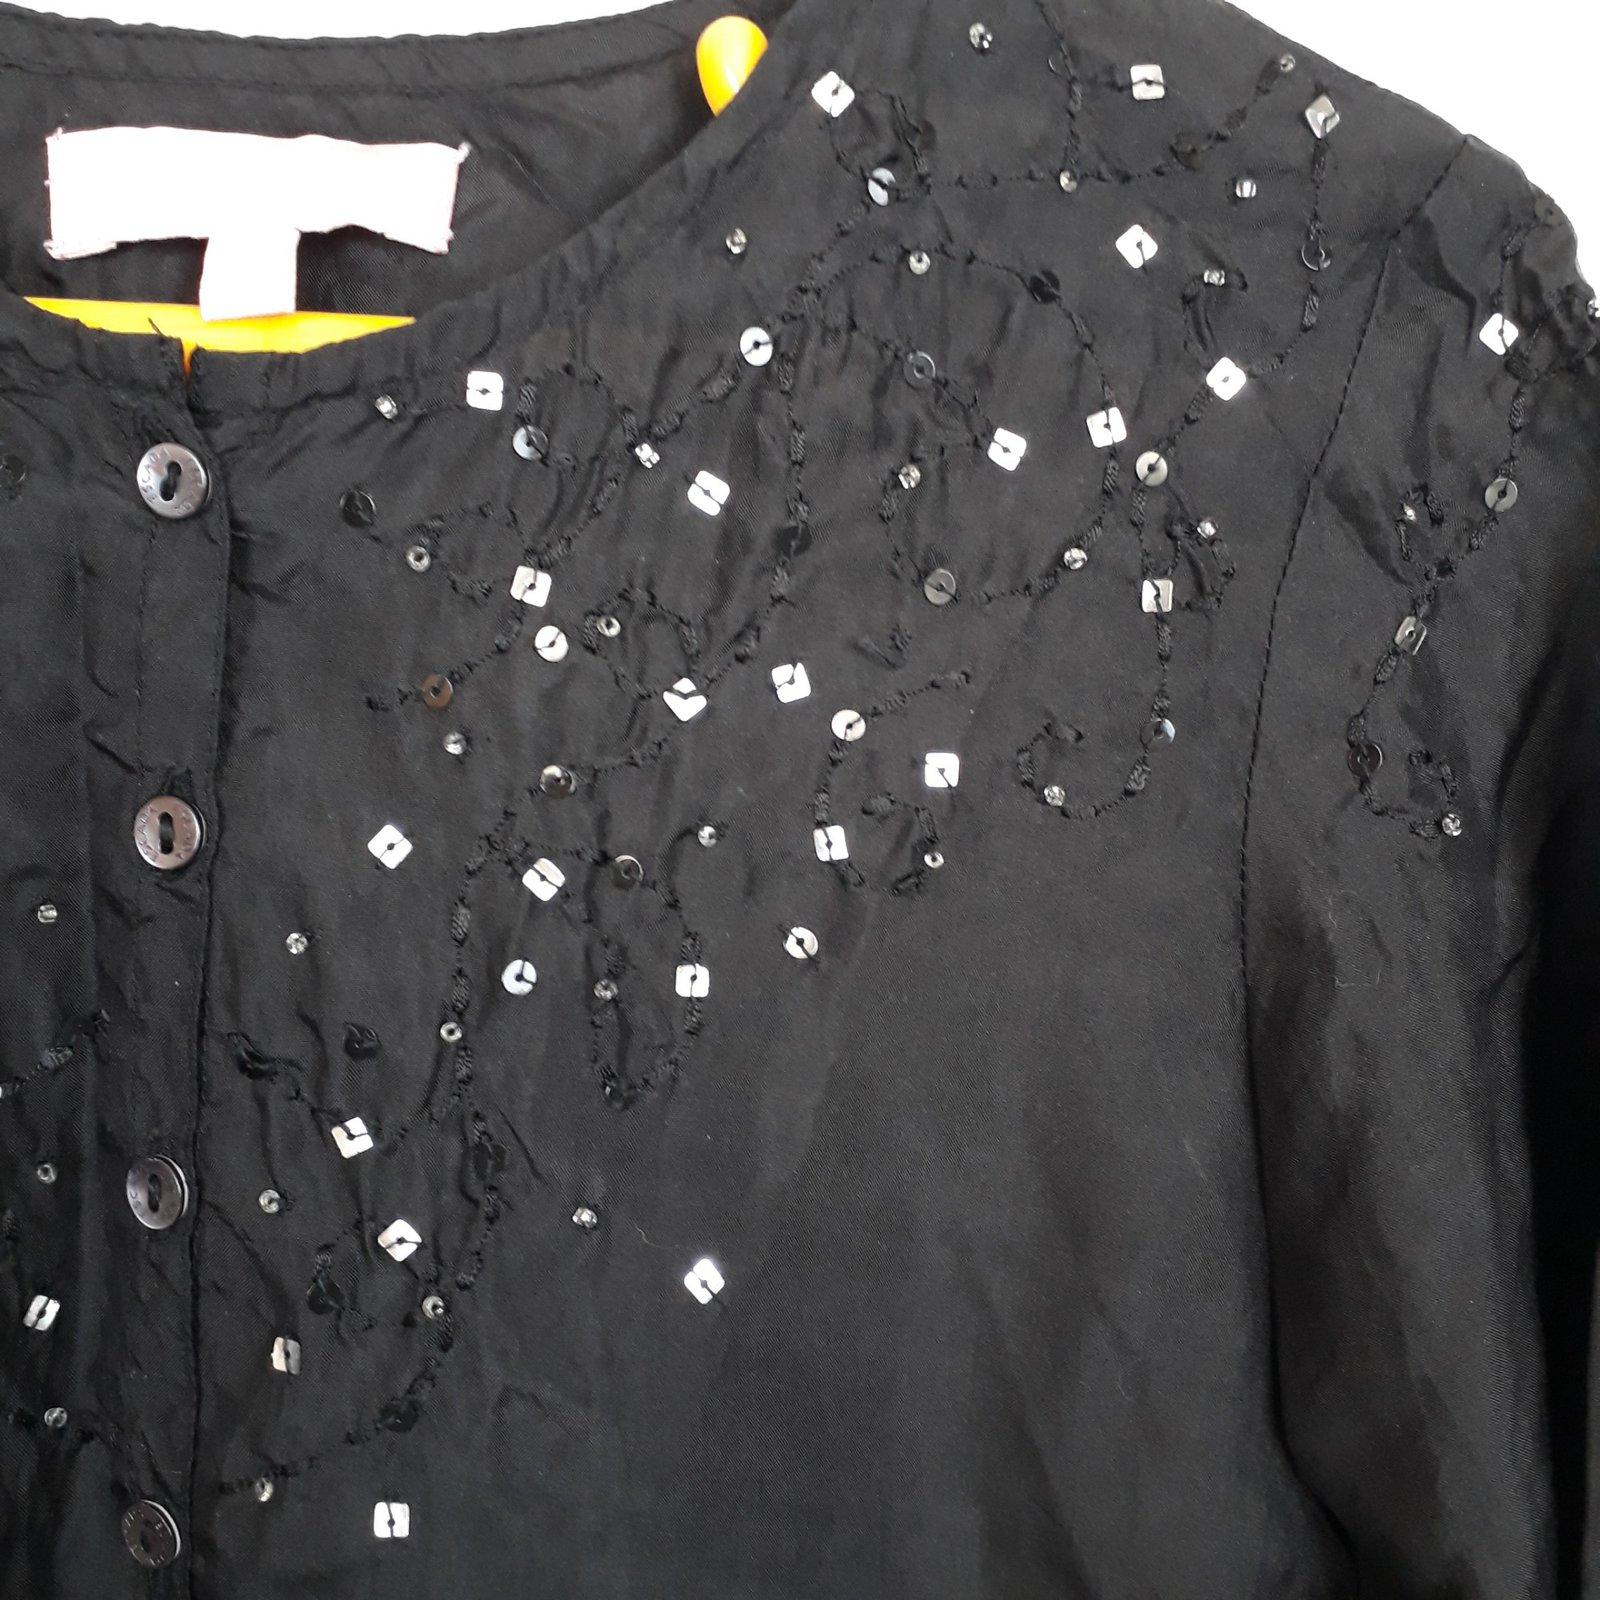 e45abc49e44ac Escada Escada Silk Blouse Size 8 YO Tops Tees Silk Black ref.101226 - Joli  Closet